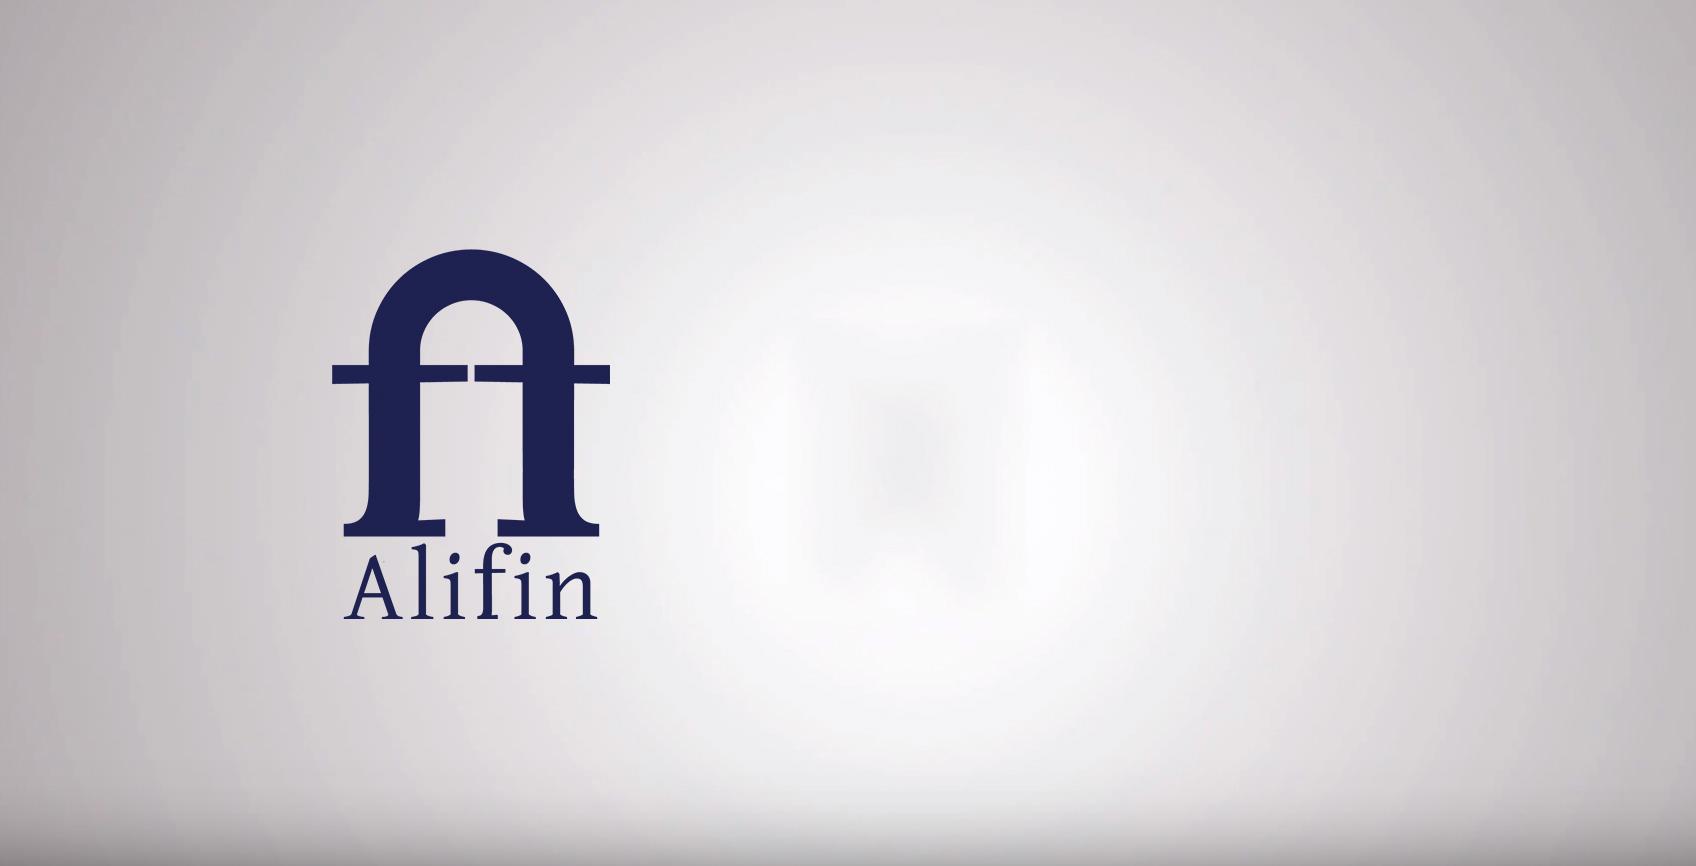 Alifin